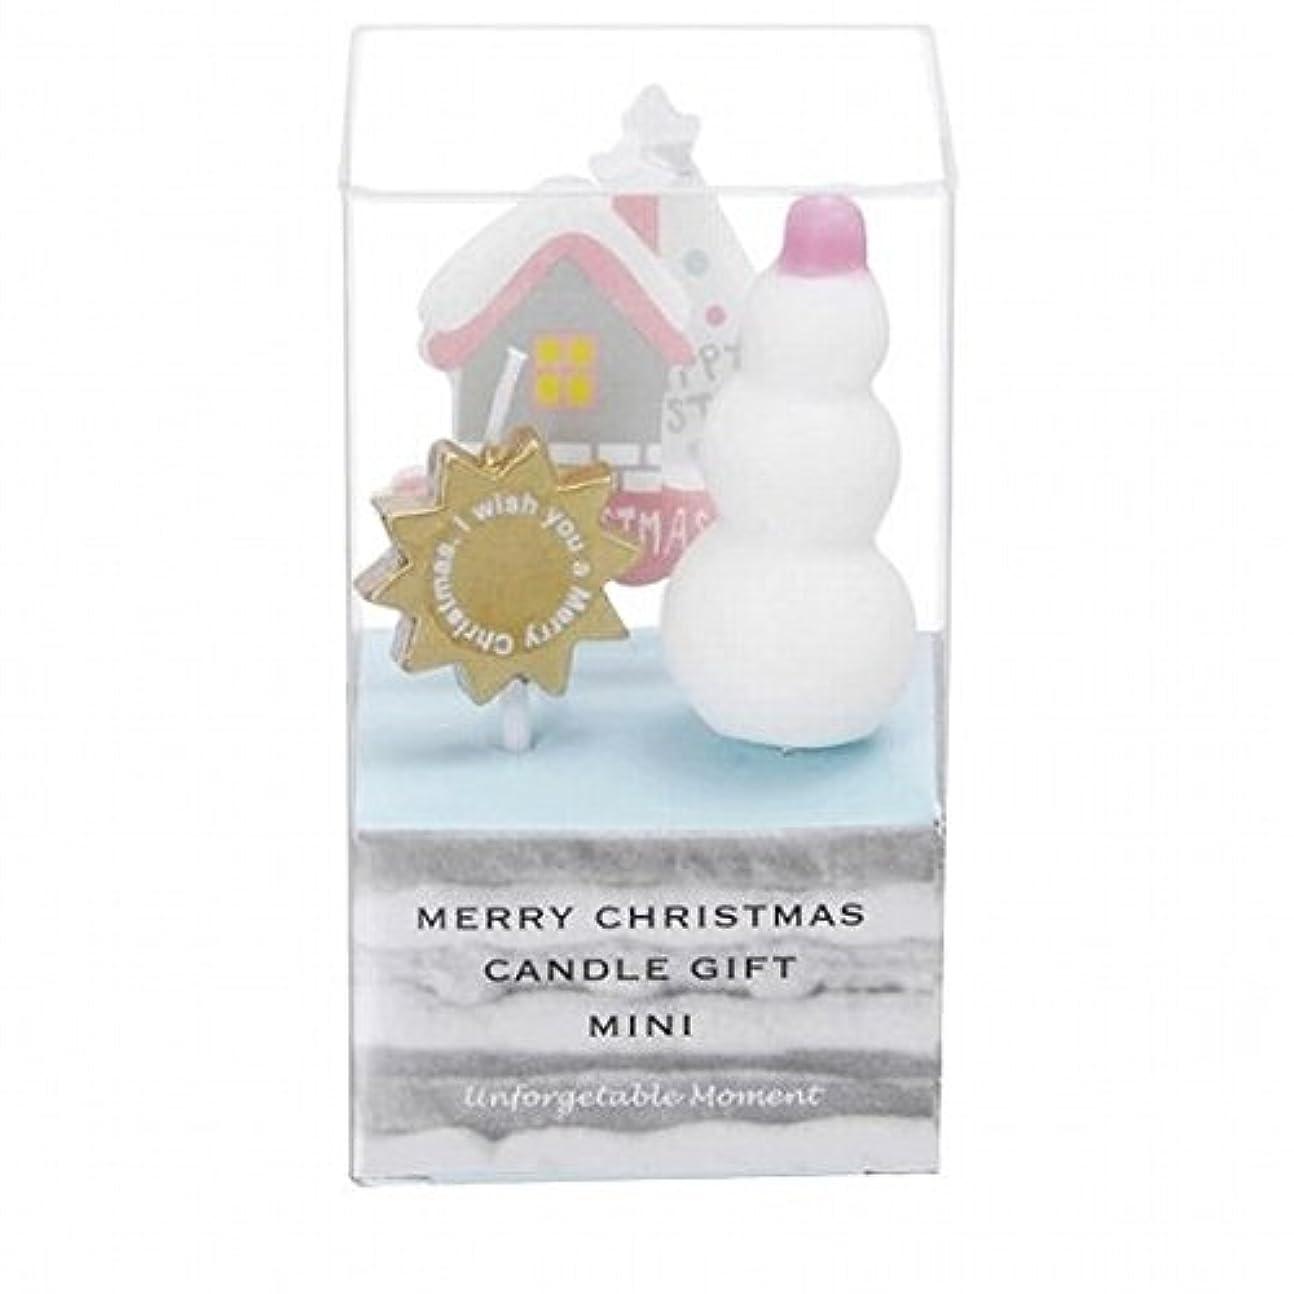 本会議降臨ゆりかごkameyama candle(カメヤマキャンドル) クリスマスキャンドルギフトミニ 「 B 」(55350050)